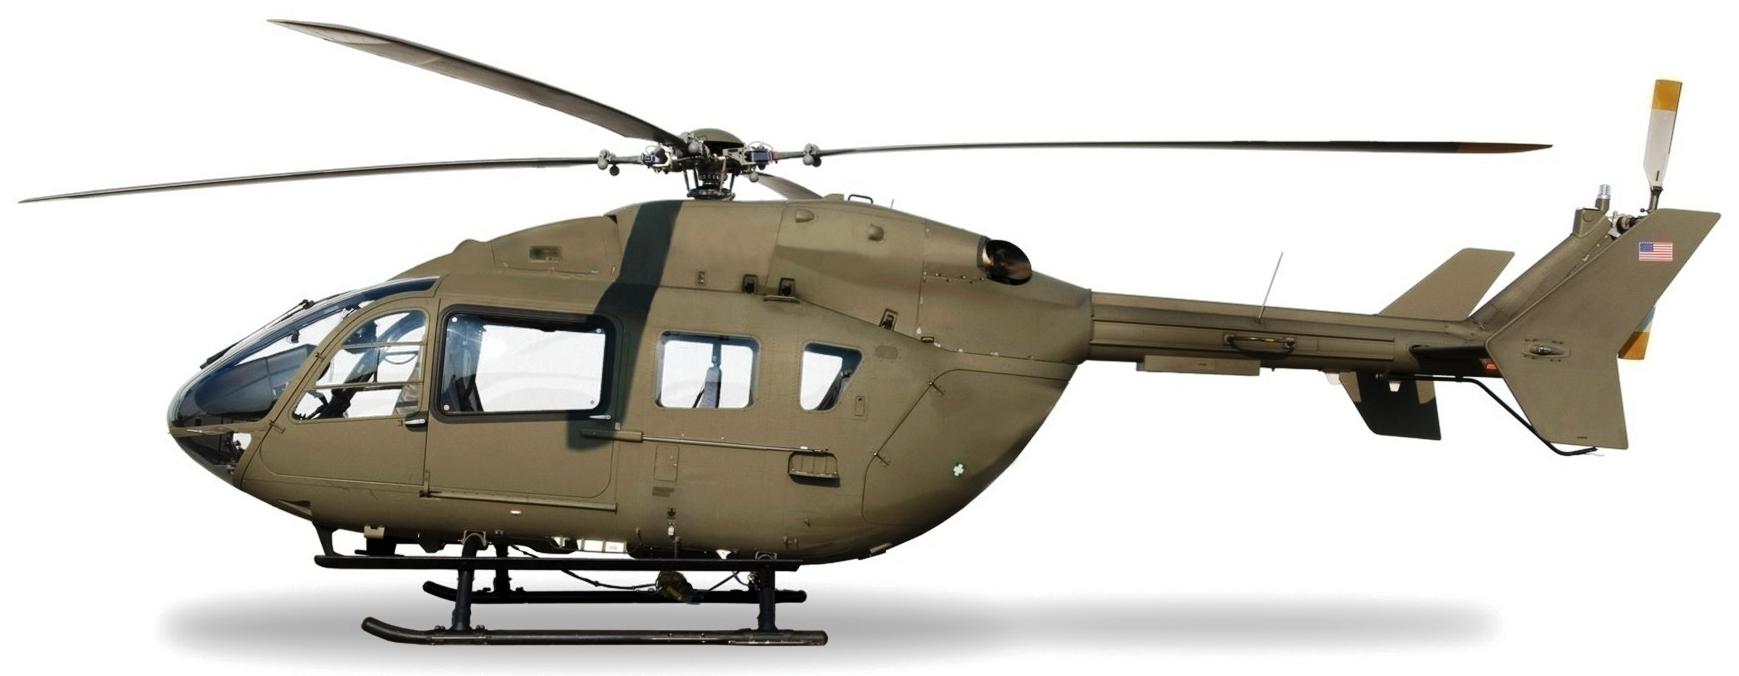 Image:UH-72 Lakota1.jpg